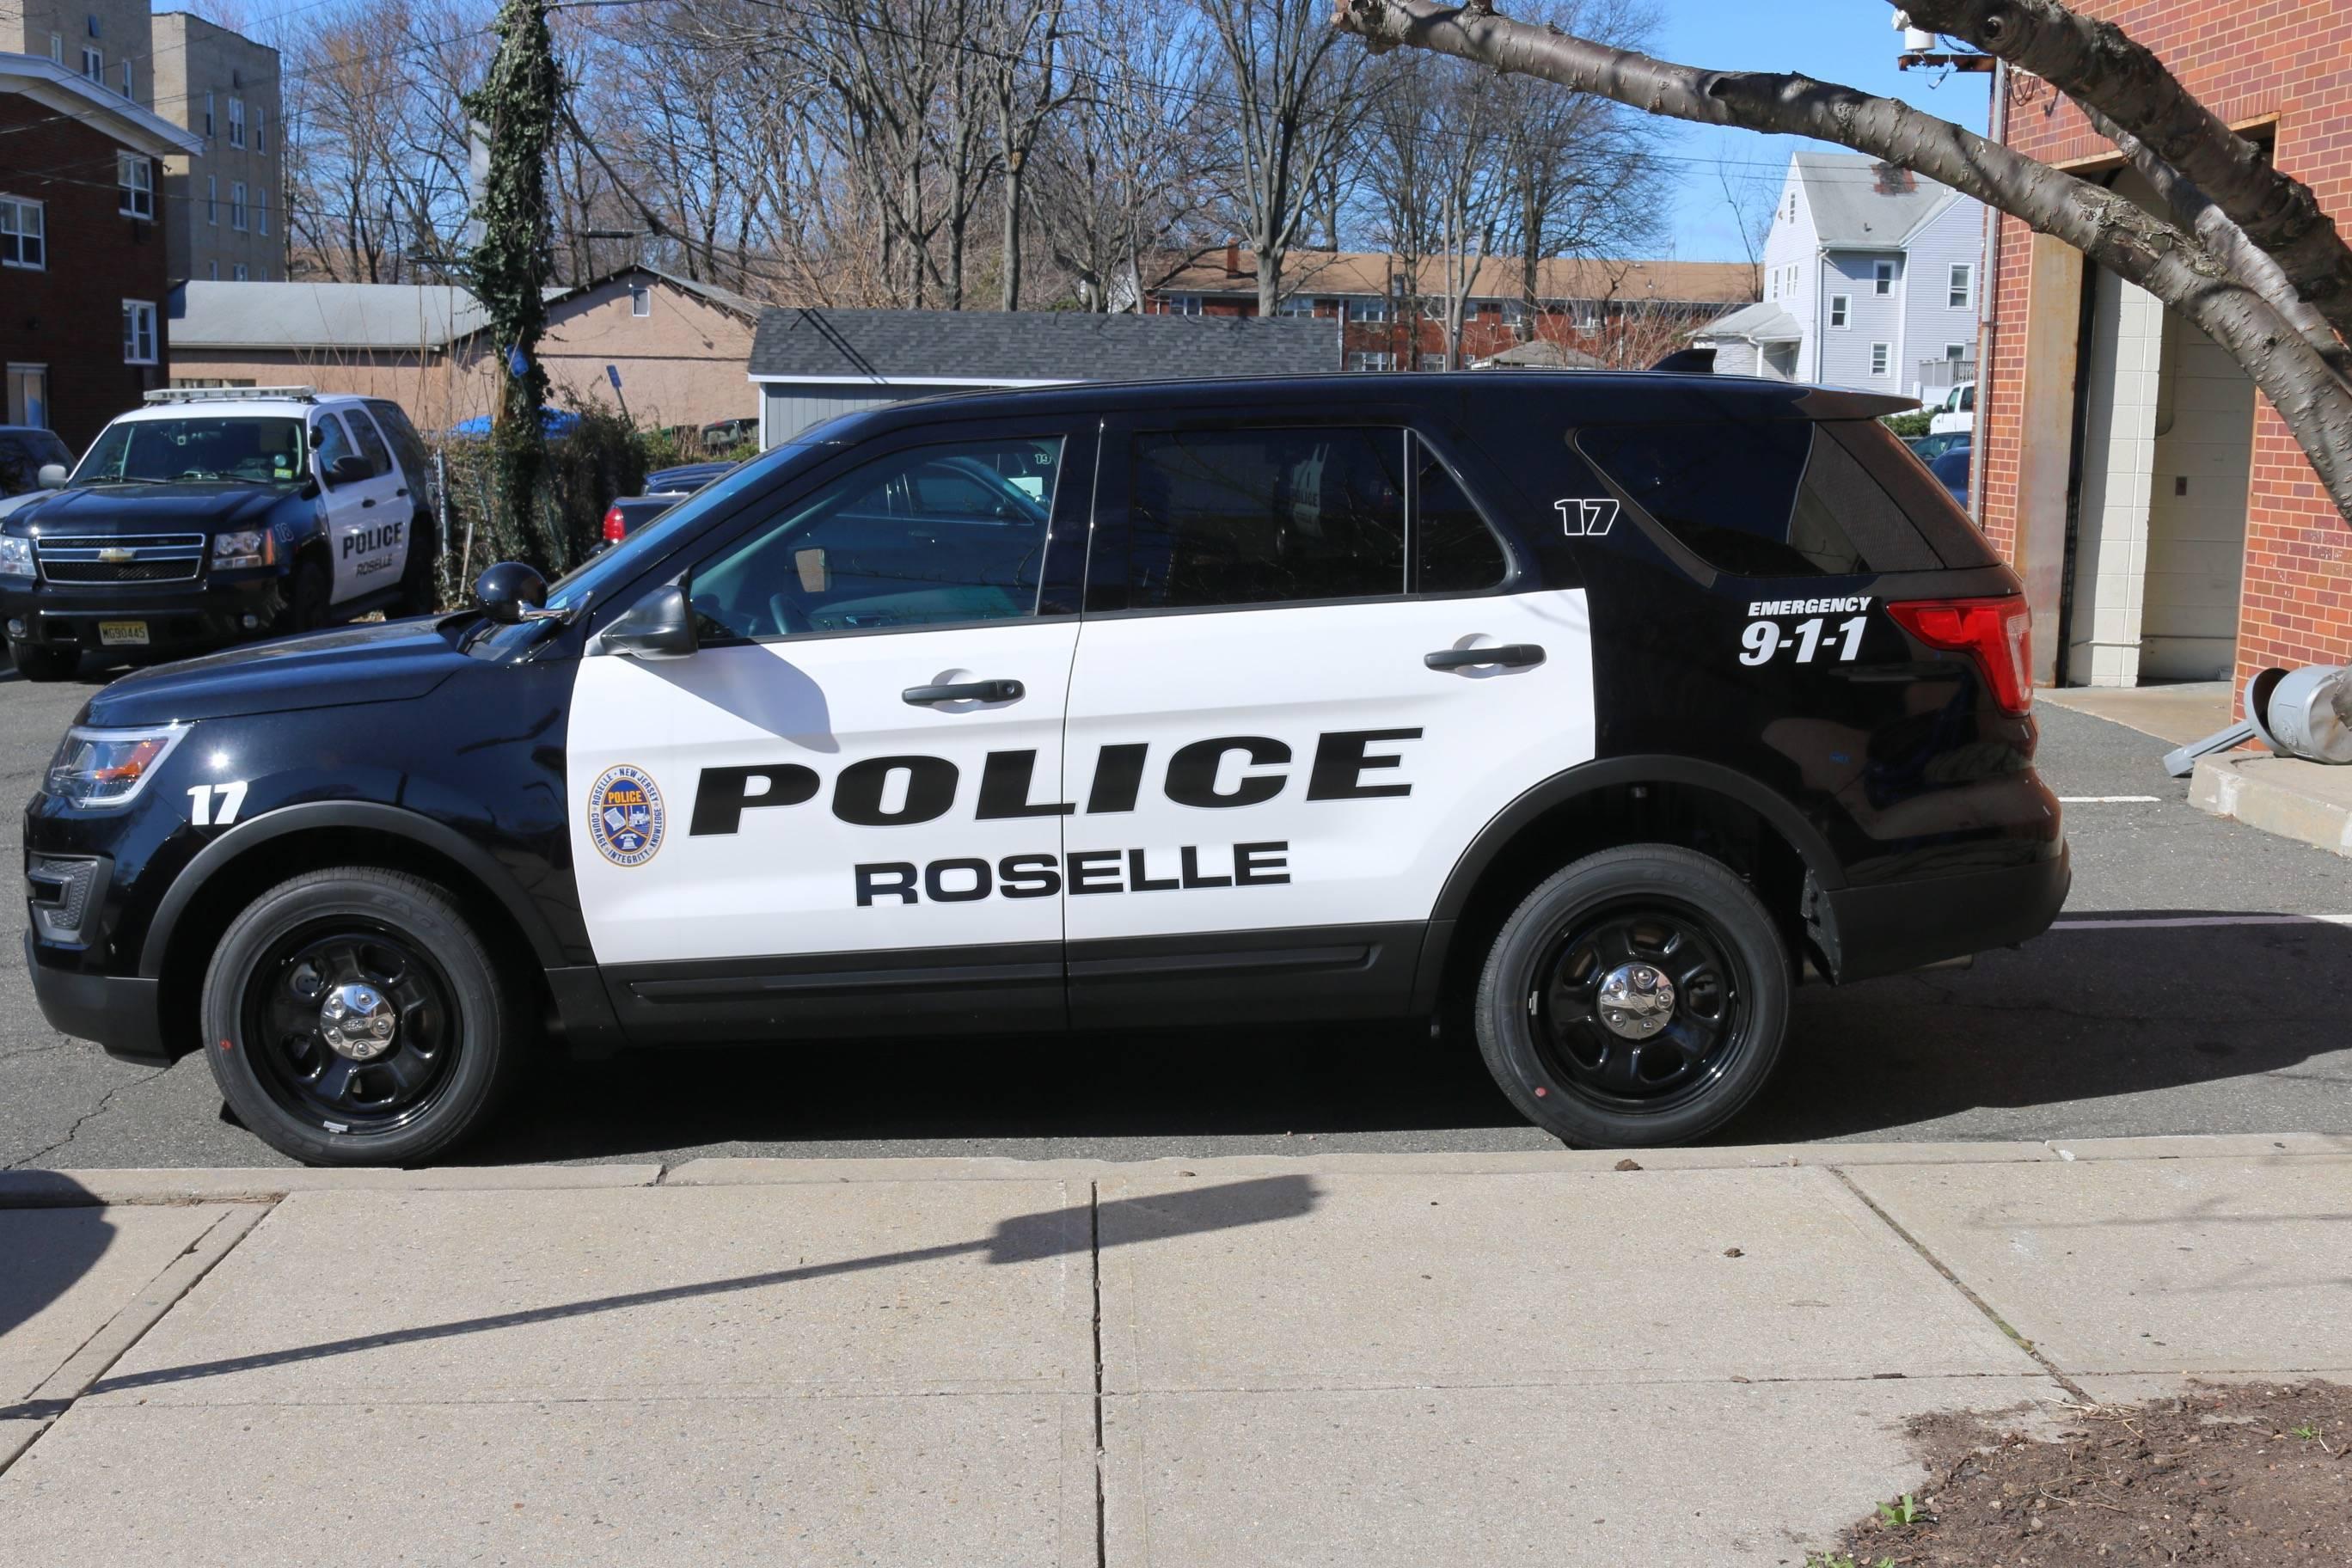 cd13deae5976d0e42725_Roselle_Police_Car.jpg